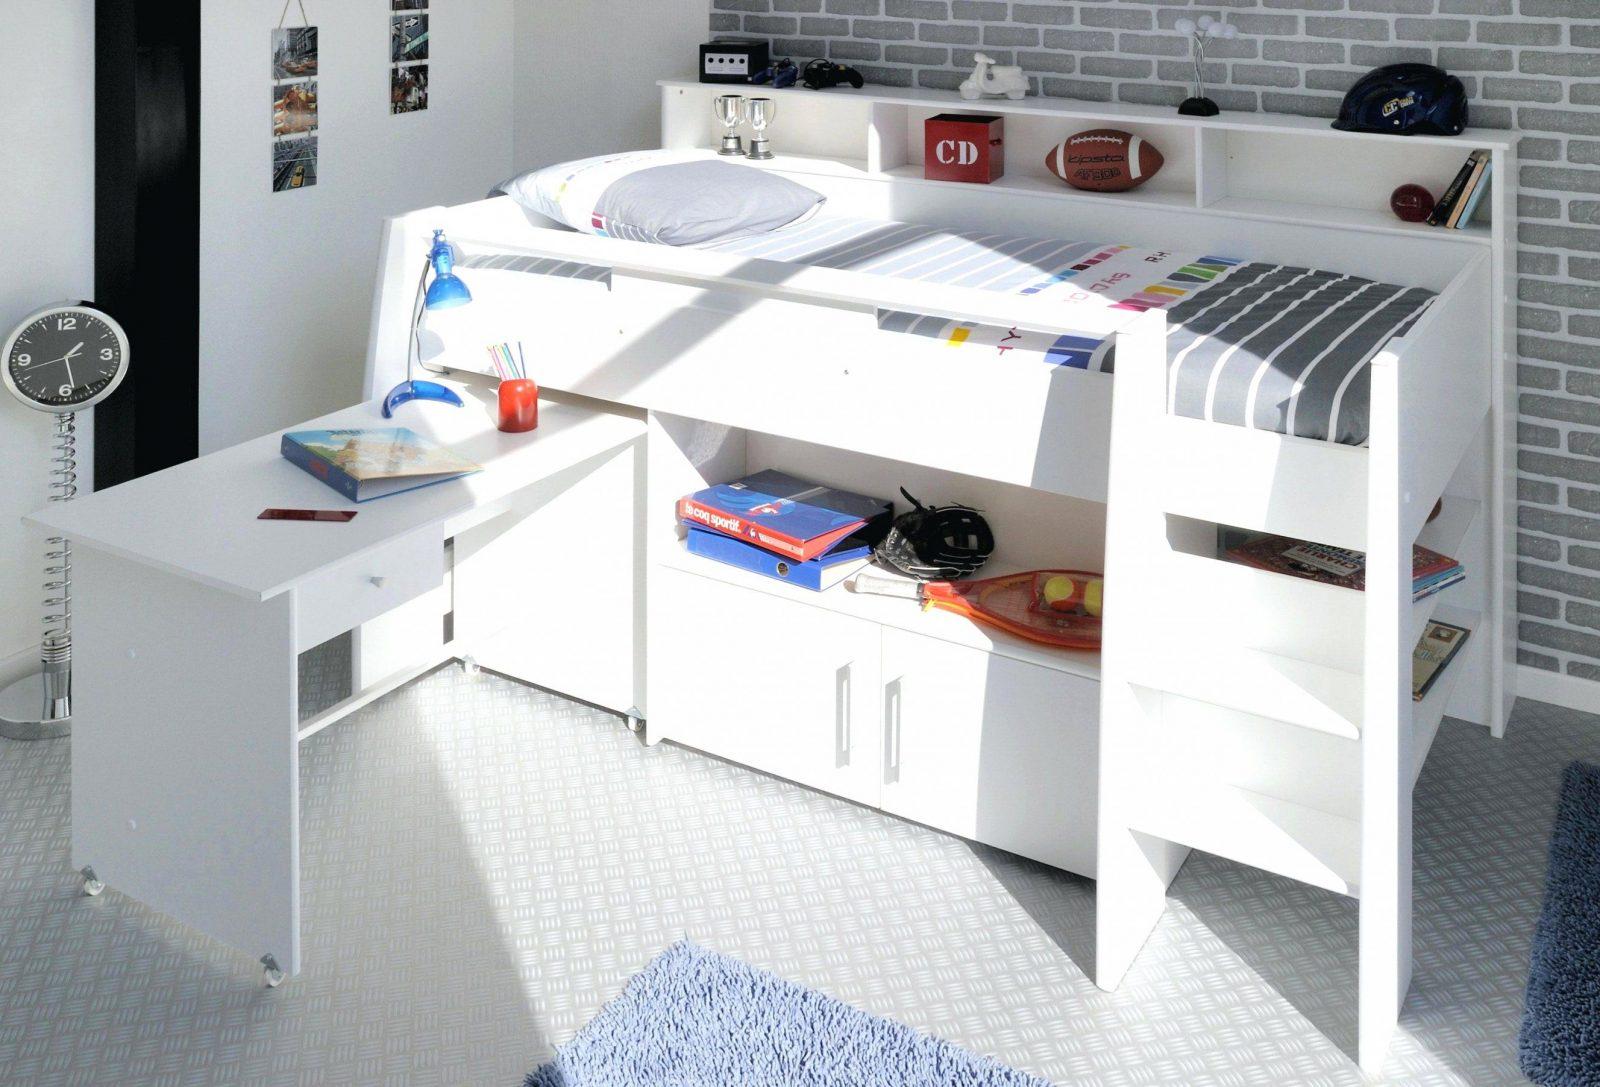 Beeindruckende Ideen Bett Schrank Schreibtisch Kombination Und von Bett Schrank Schreibtisch Kombination Bild